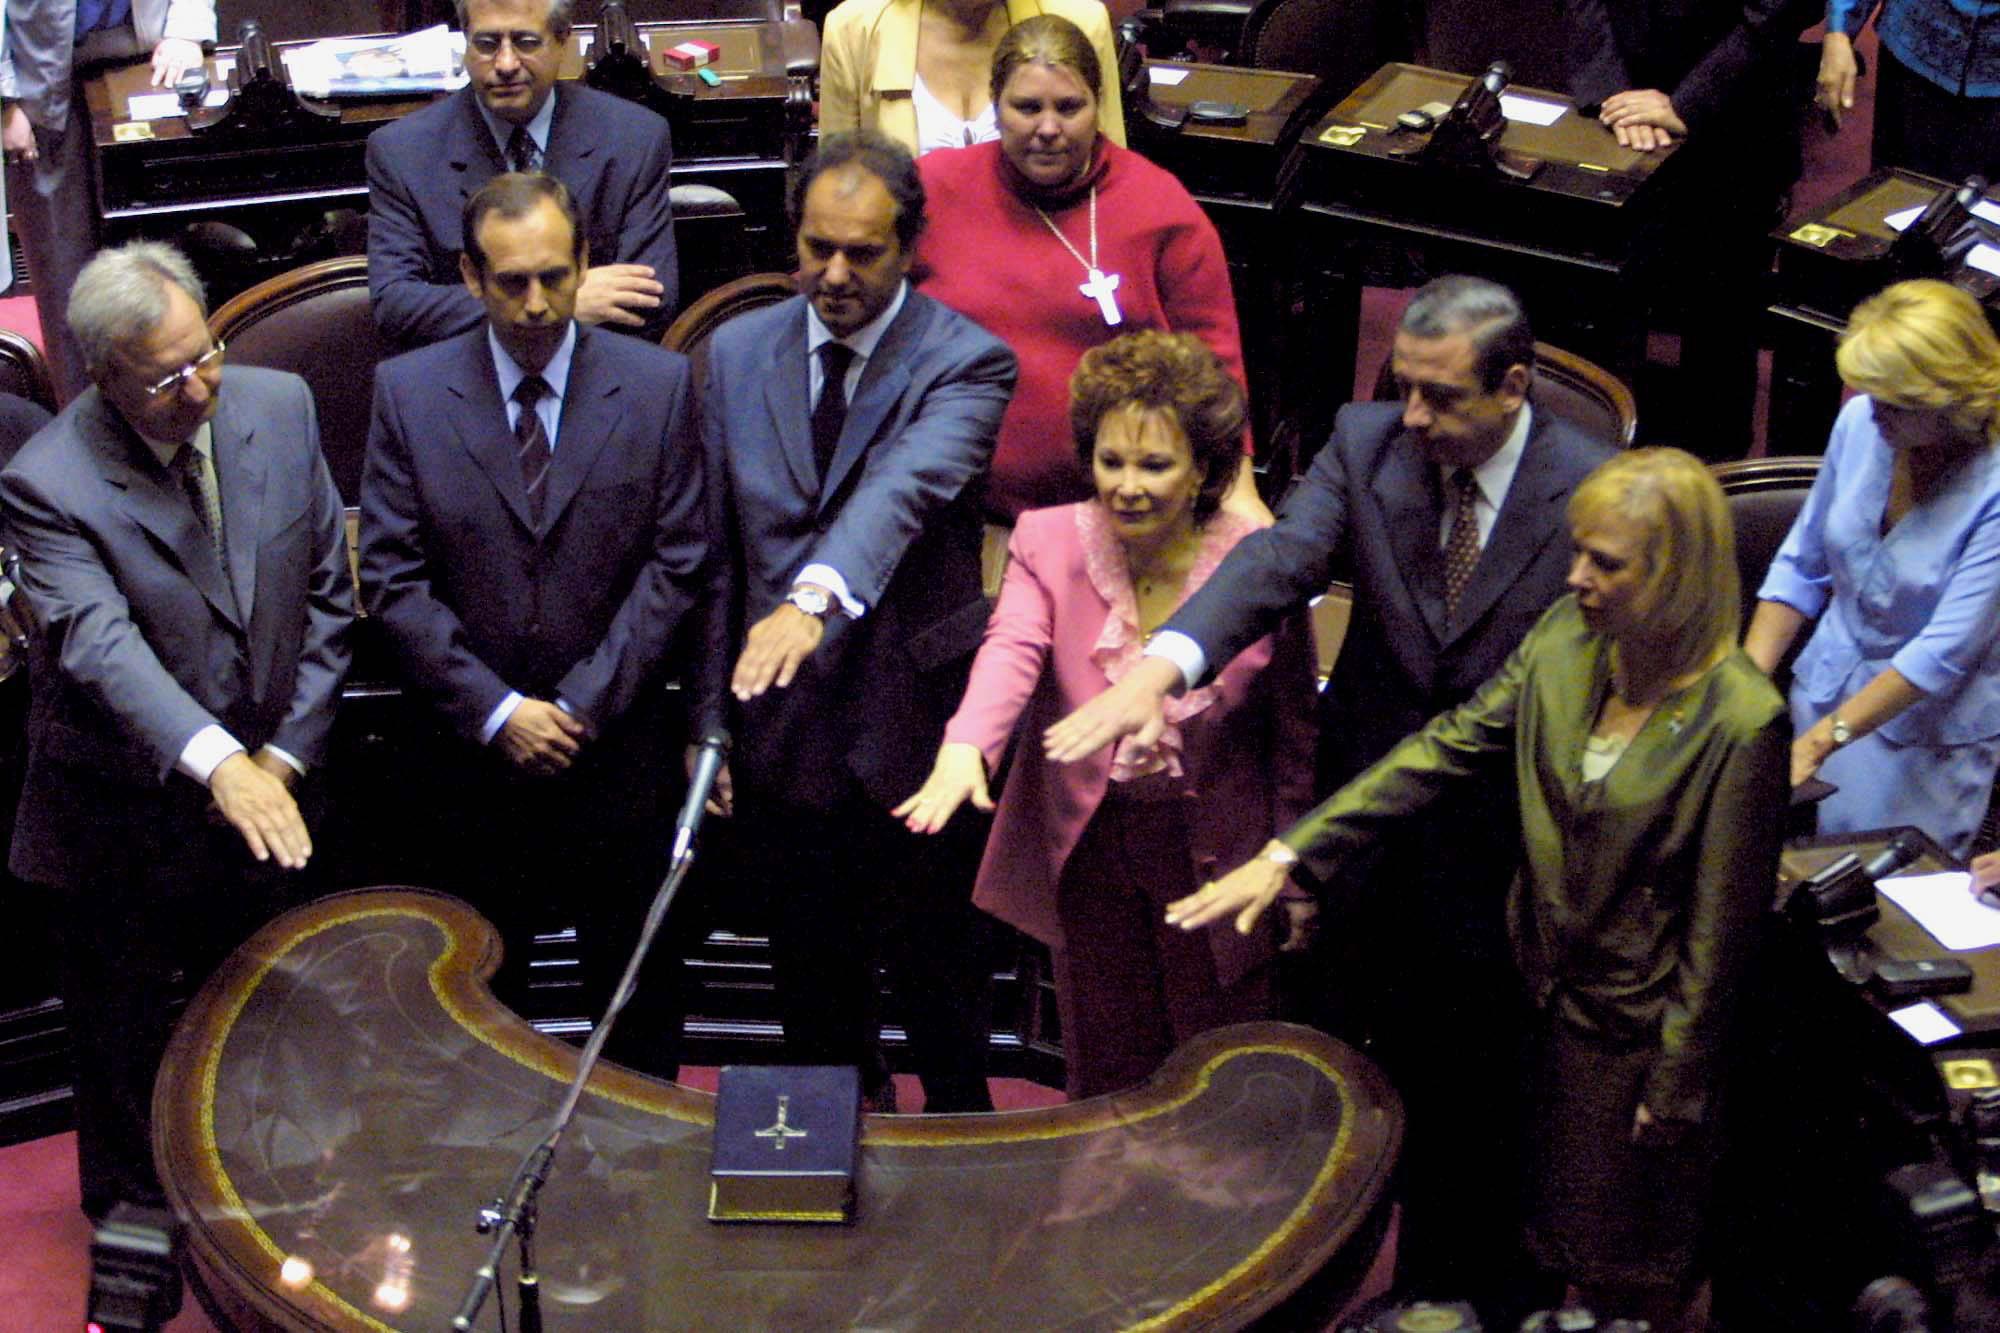 DANIEL SCIOLI JURA COMO DIPUTADO EL  05/12/2001, JUNTO A HORACIO VIVO, GUILLERMO CANTINI, IRMA ROY, MARIA AMERICA GONZALEZ Y GERARDO CONTE GRAND